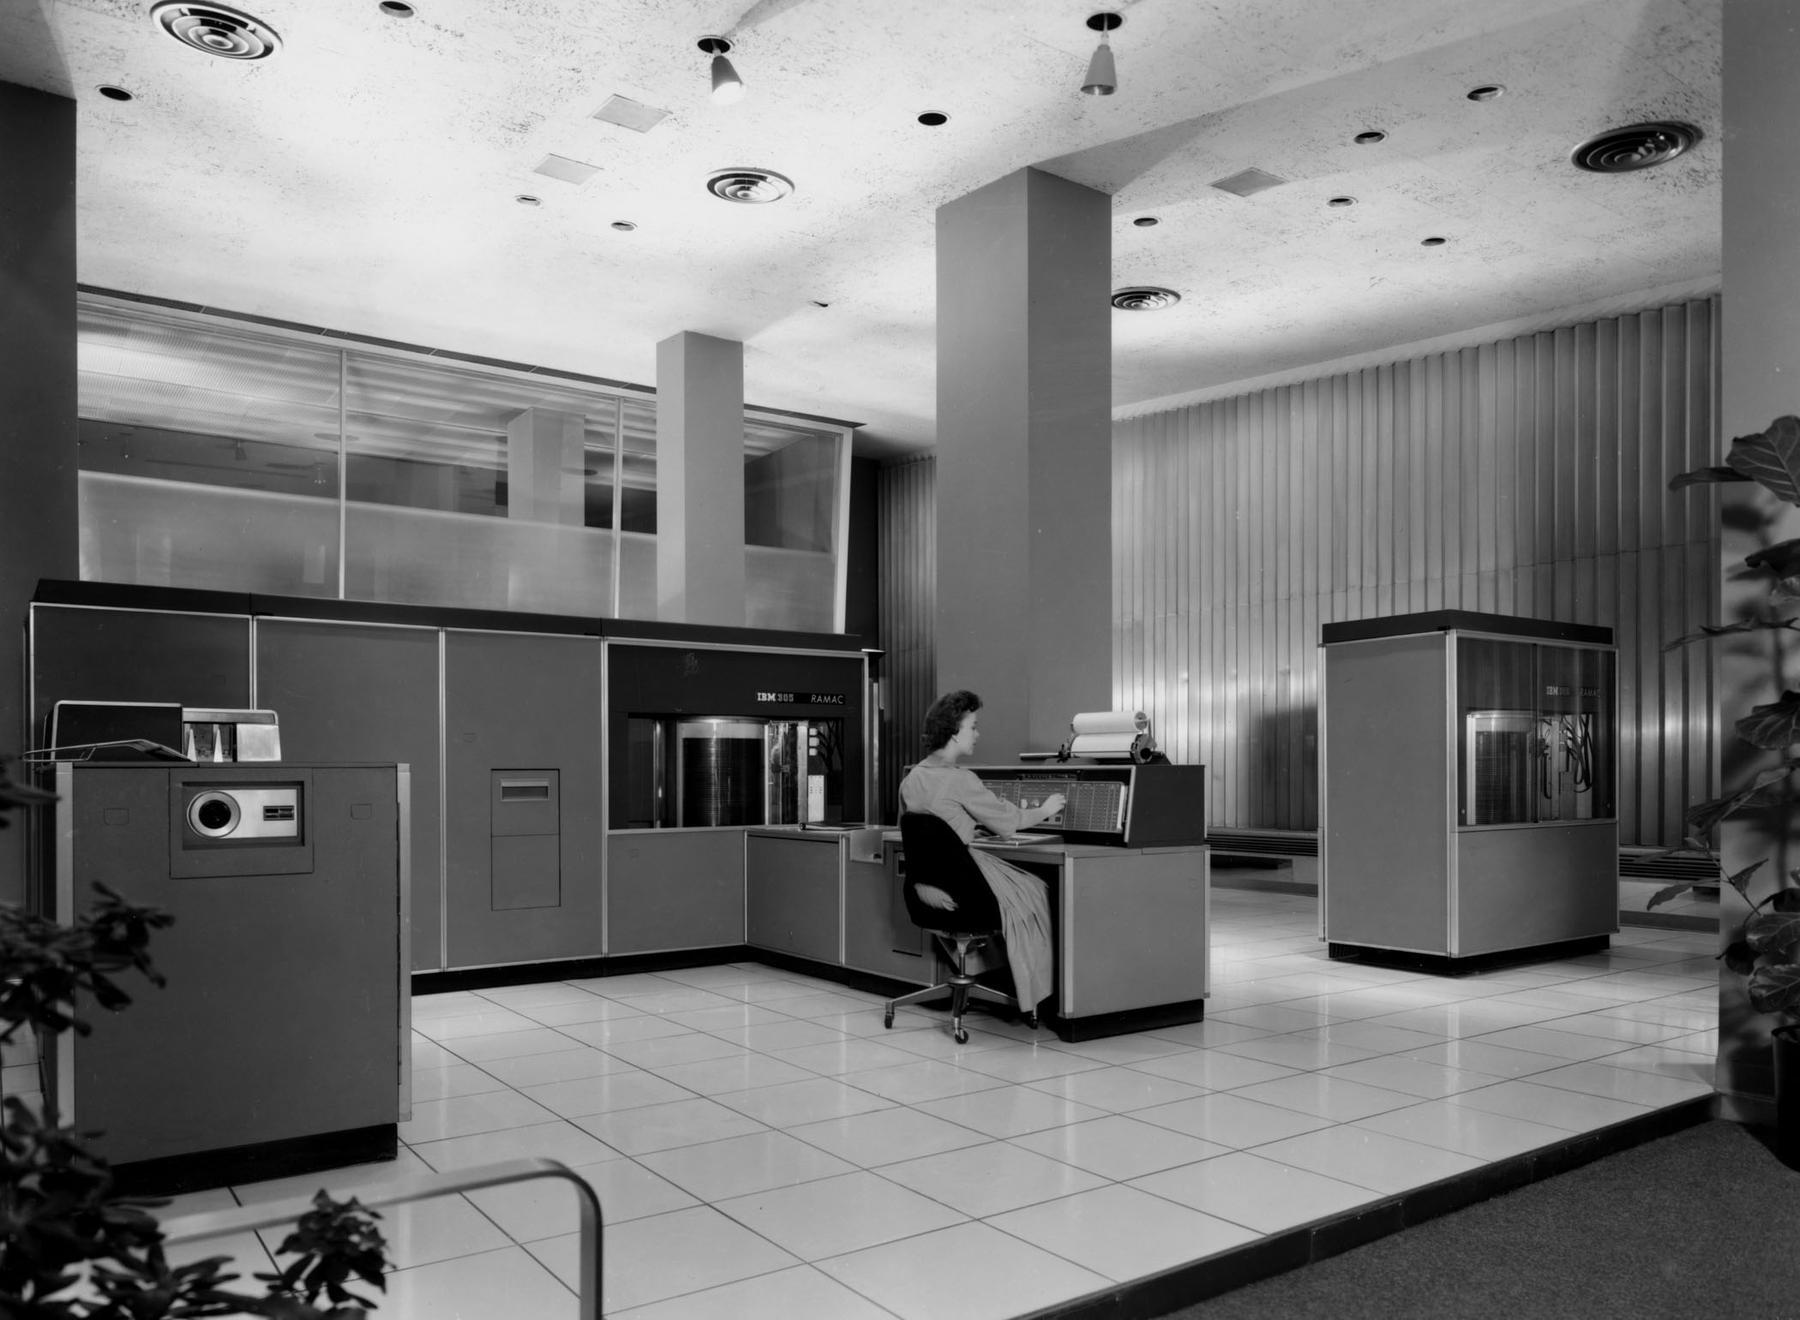 ibm-ramac-305 L'image du jour : A quoi ressemblait un disque dur de 5 Mo en 1956 ?